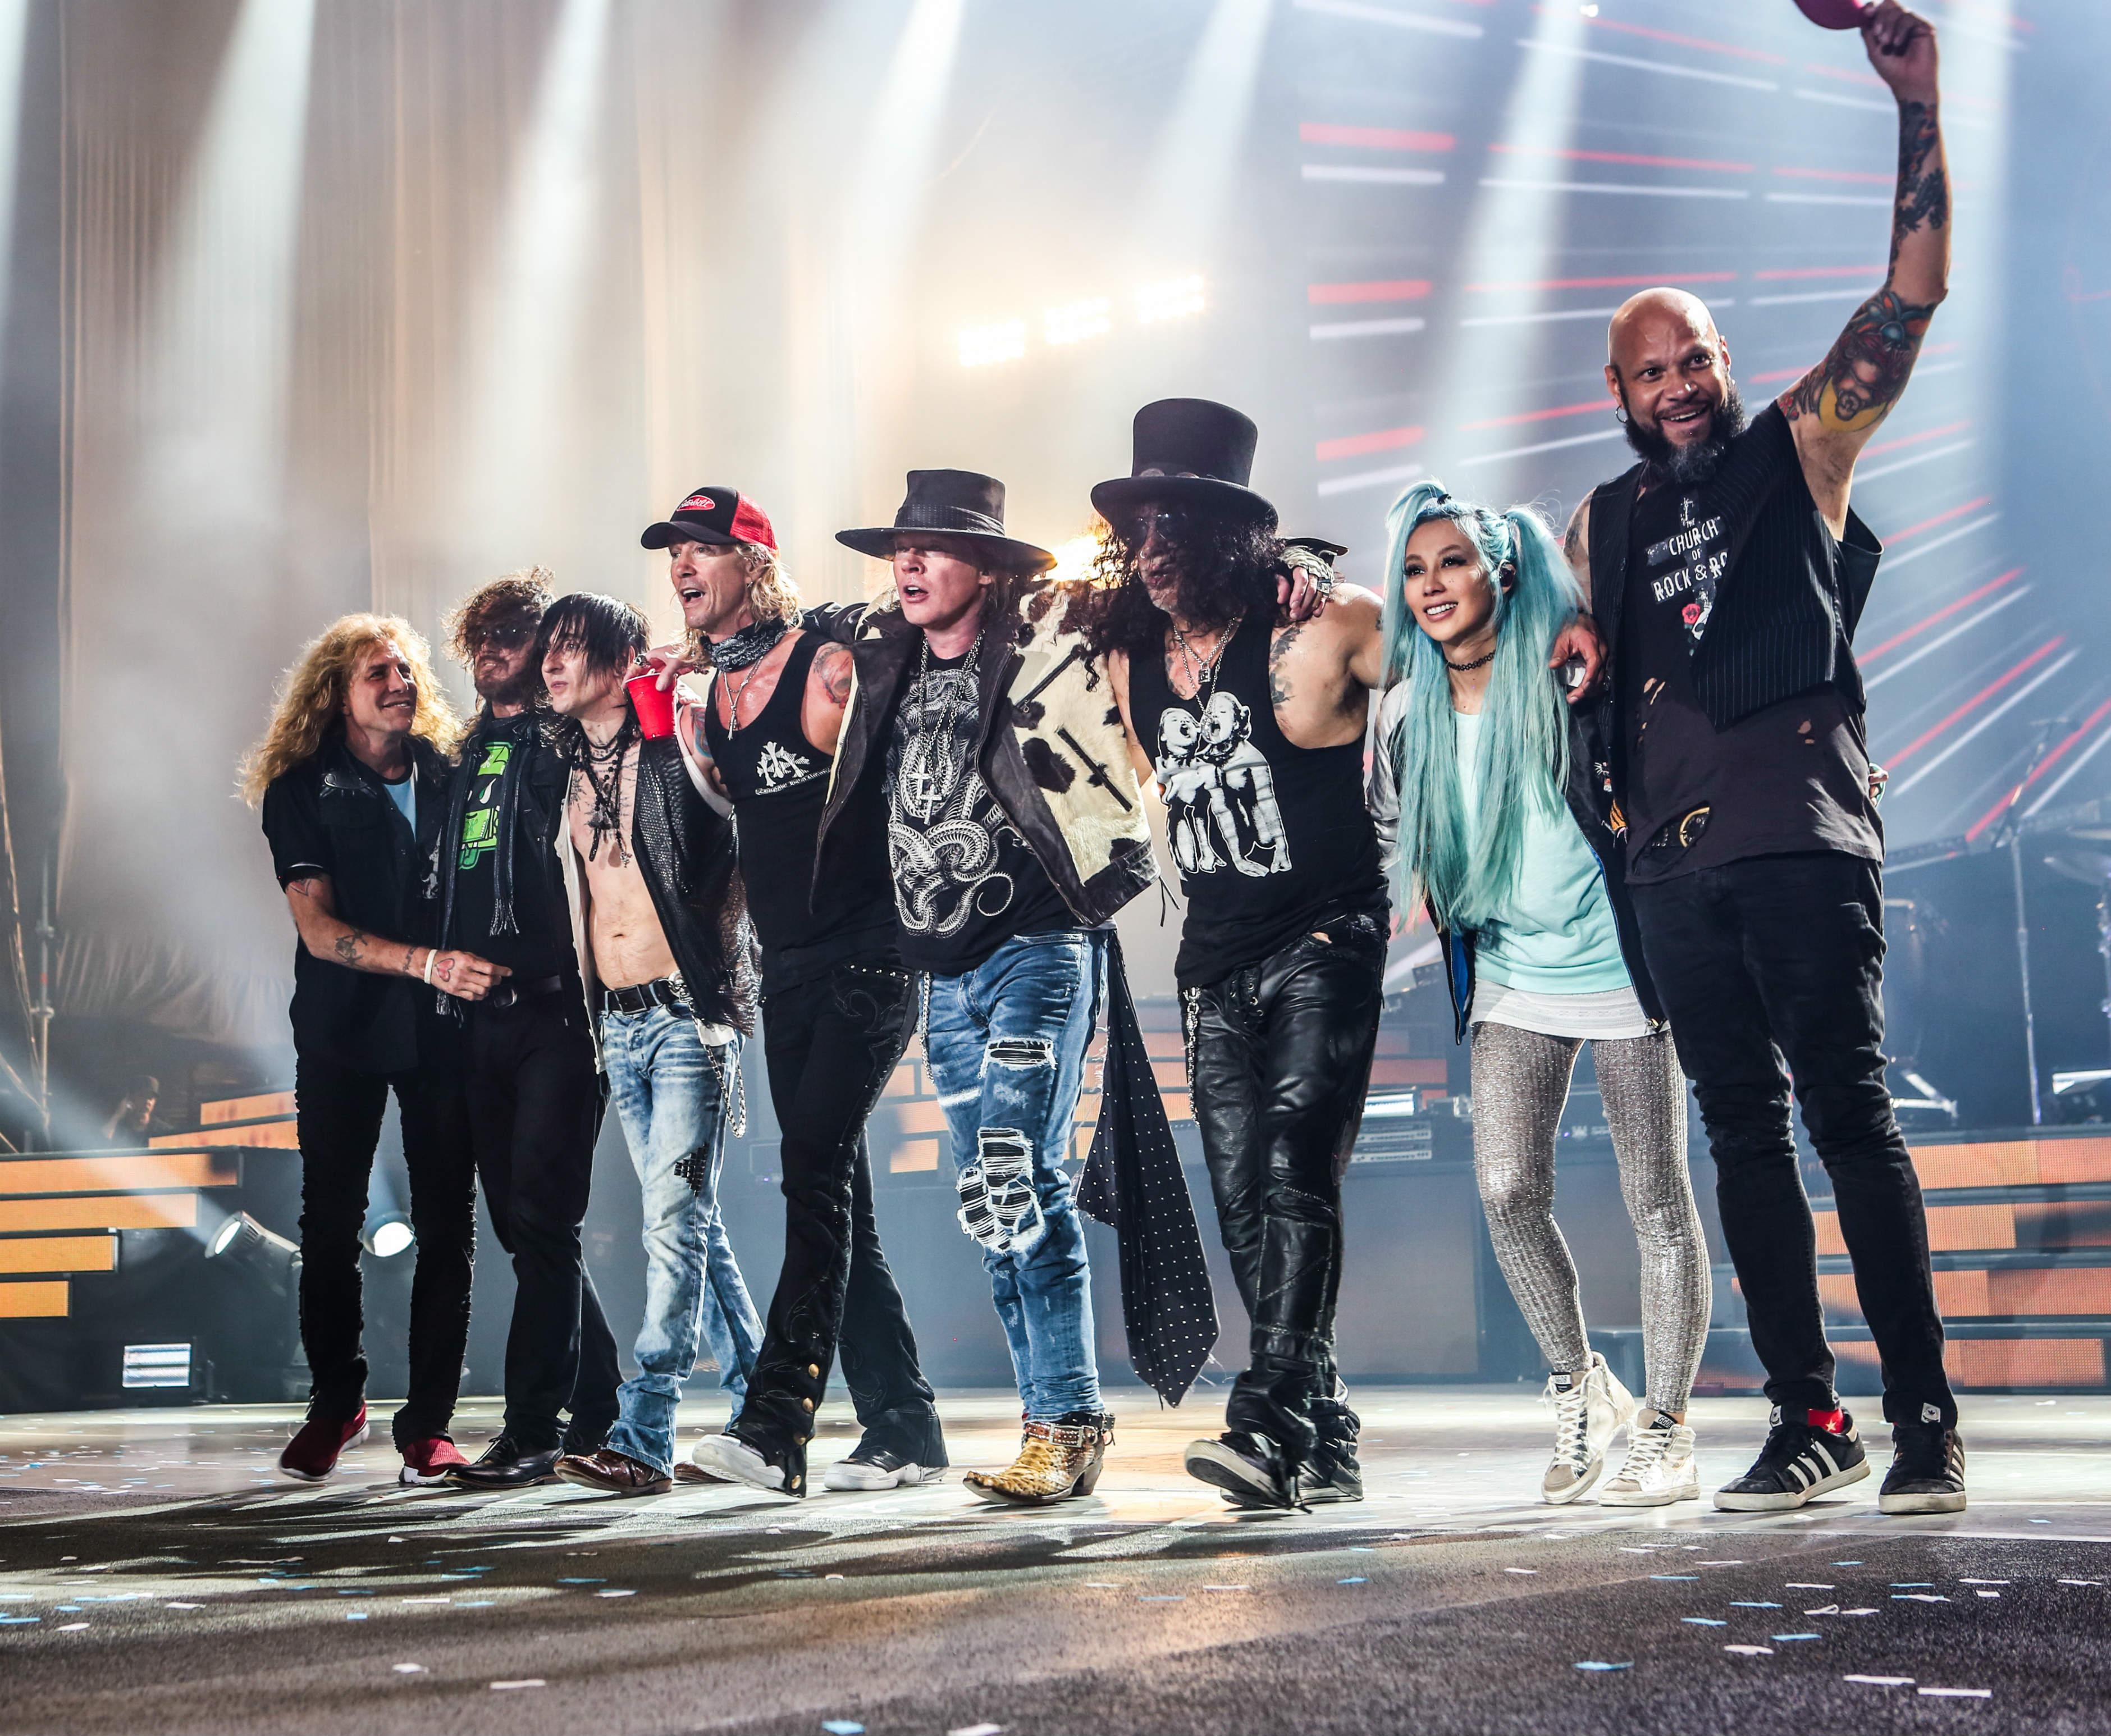 Banda reunida em show realizado em Buenos Aires. Foto: Divulgação/Katarina Benzova